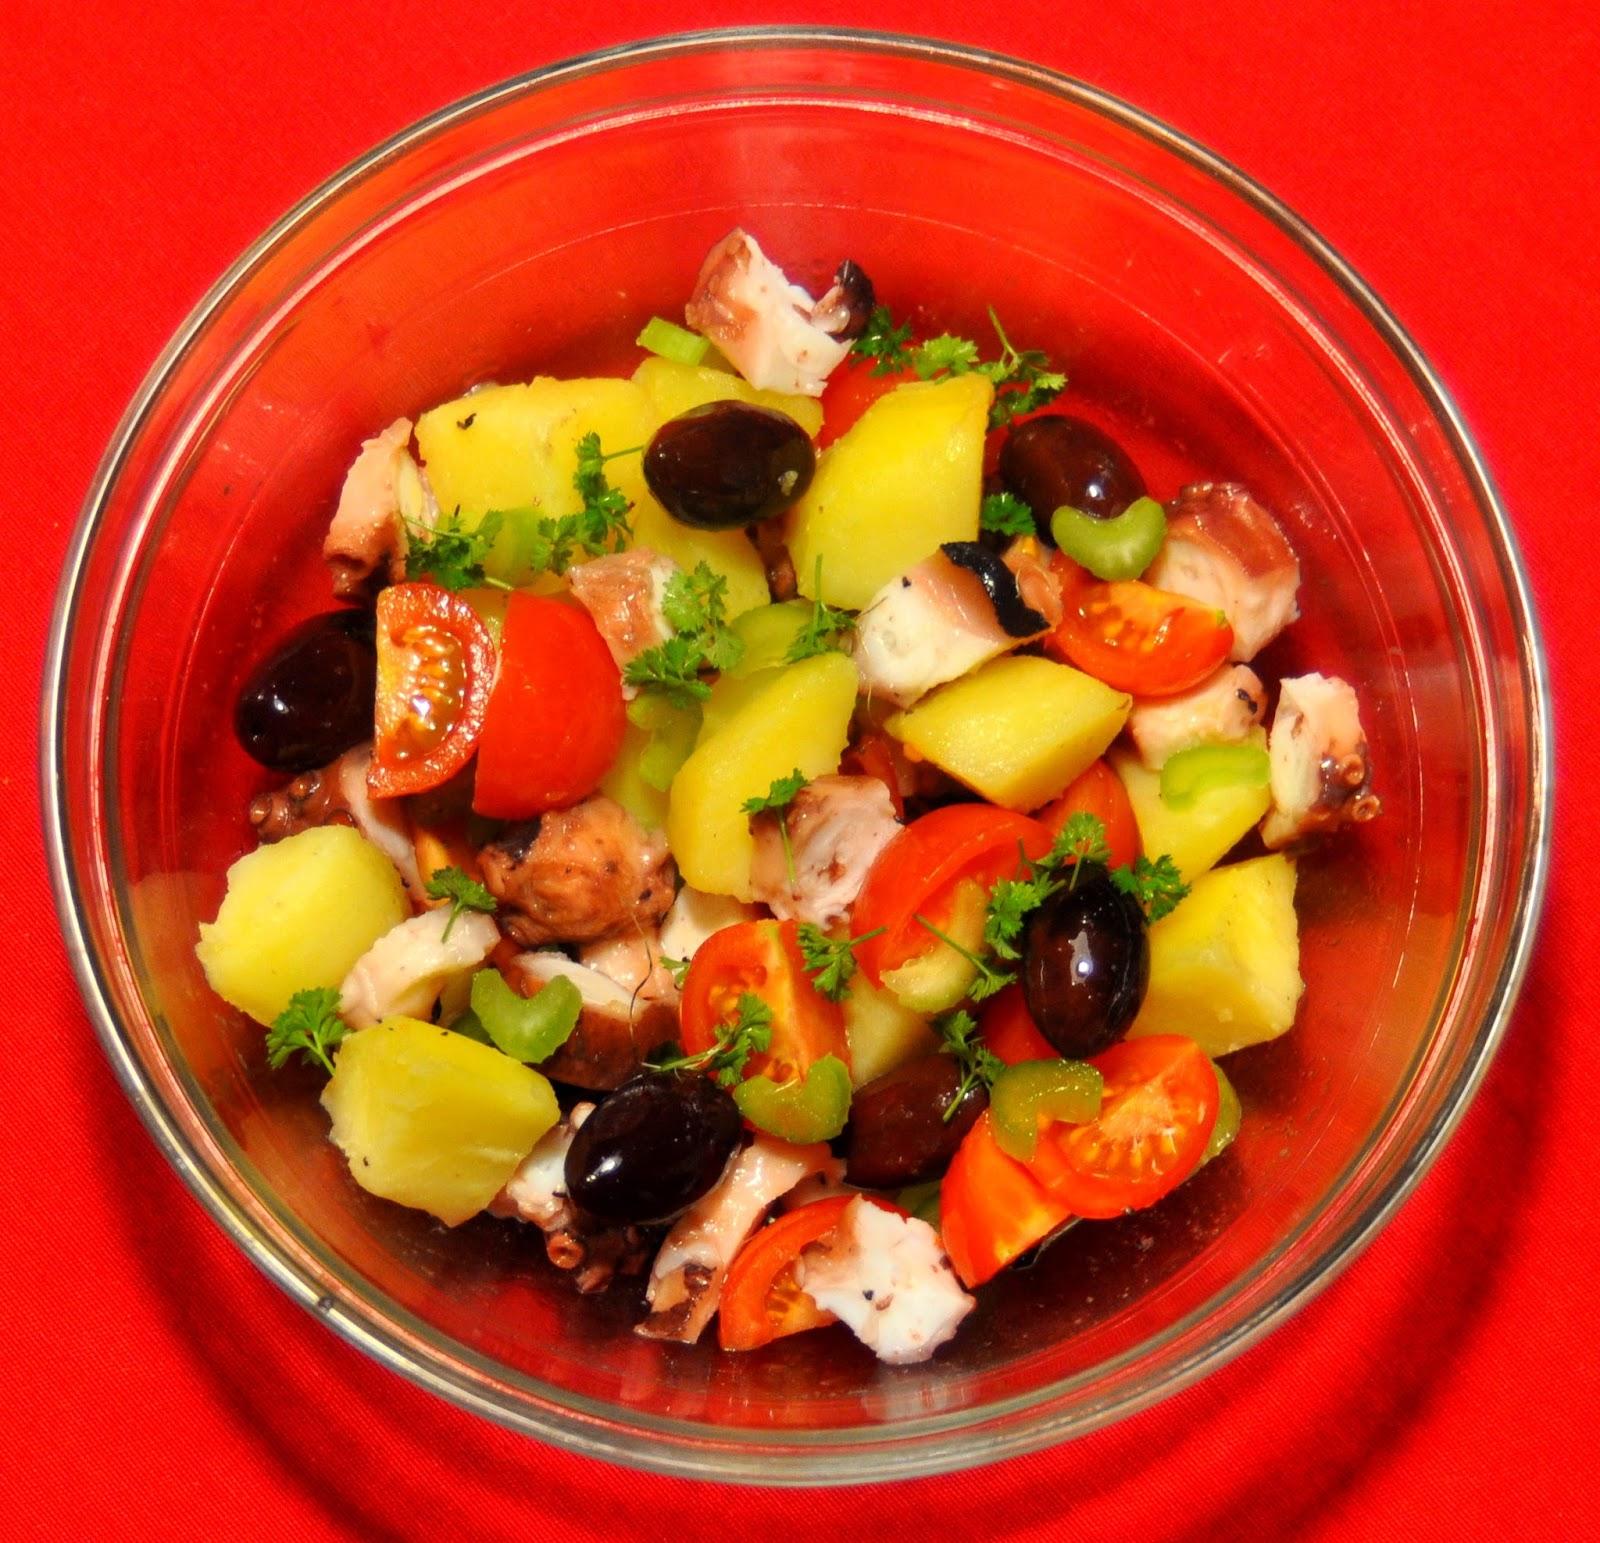 My najczęściej ośmiornicę przyrządzamy klasycznie w wersji polpo e patate czyli ośmiornica z ziemniakami polana oliwą i posypana natką